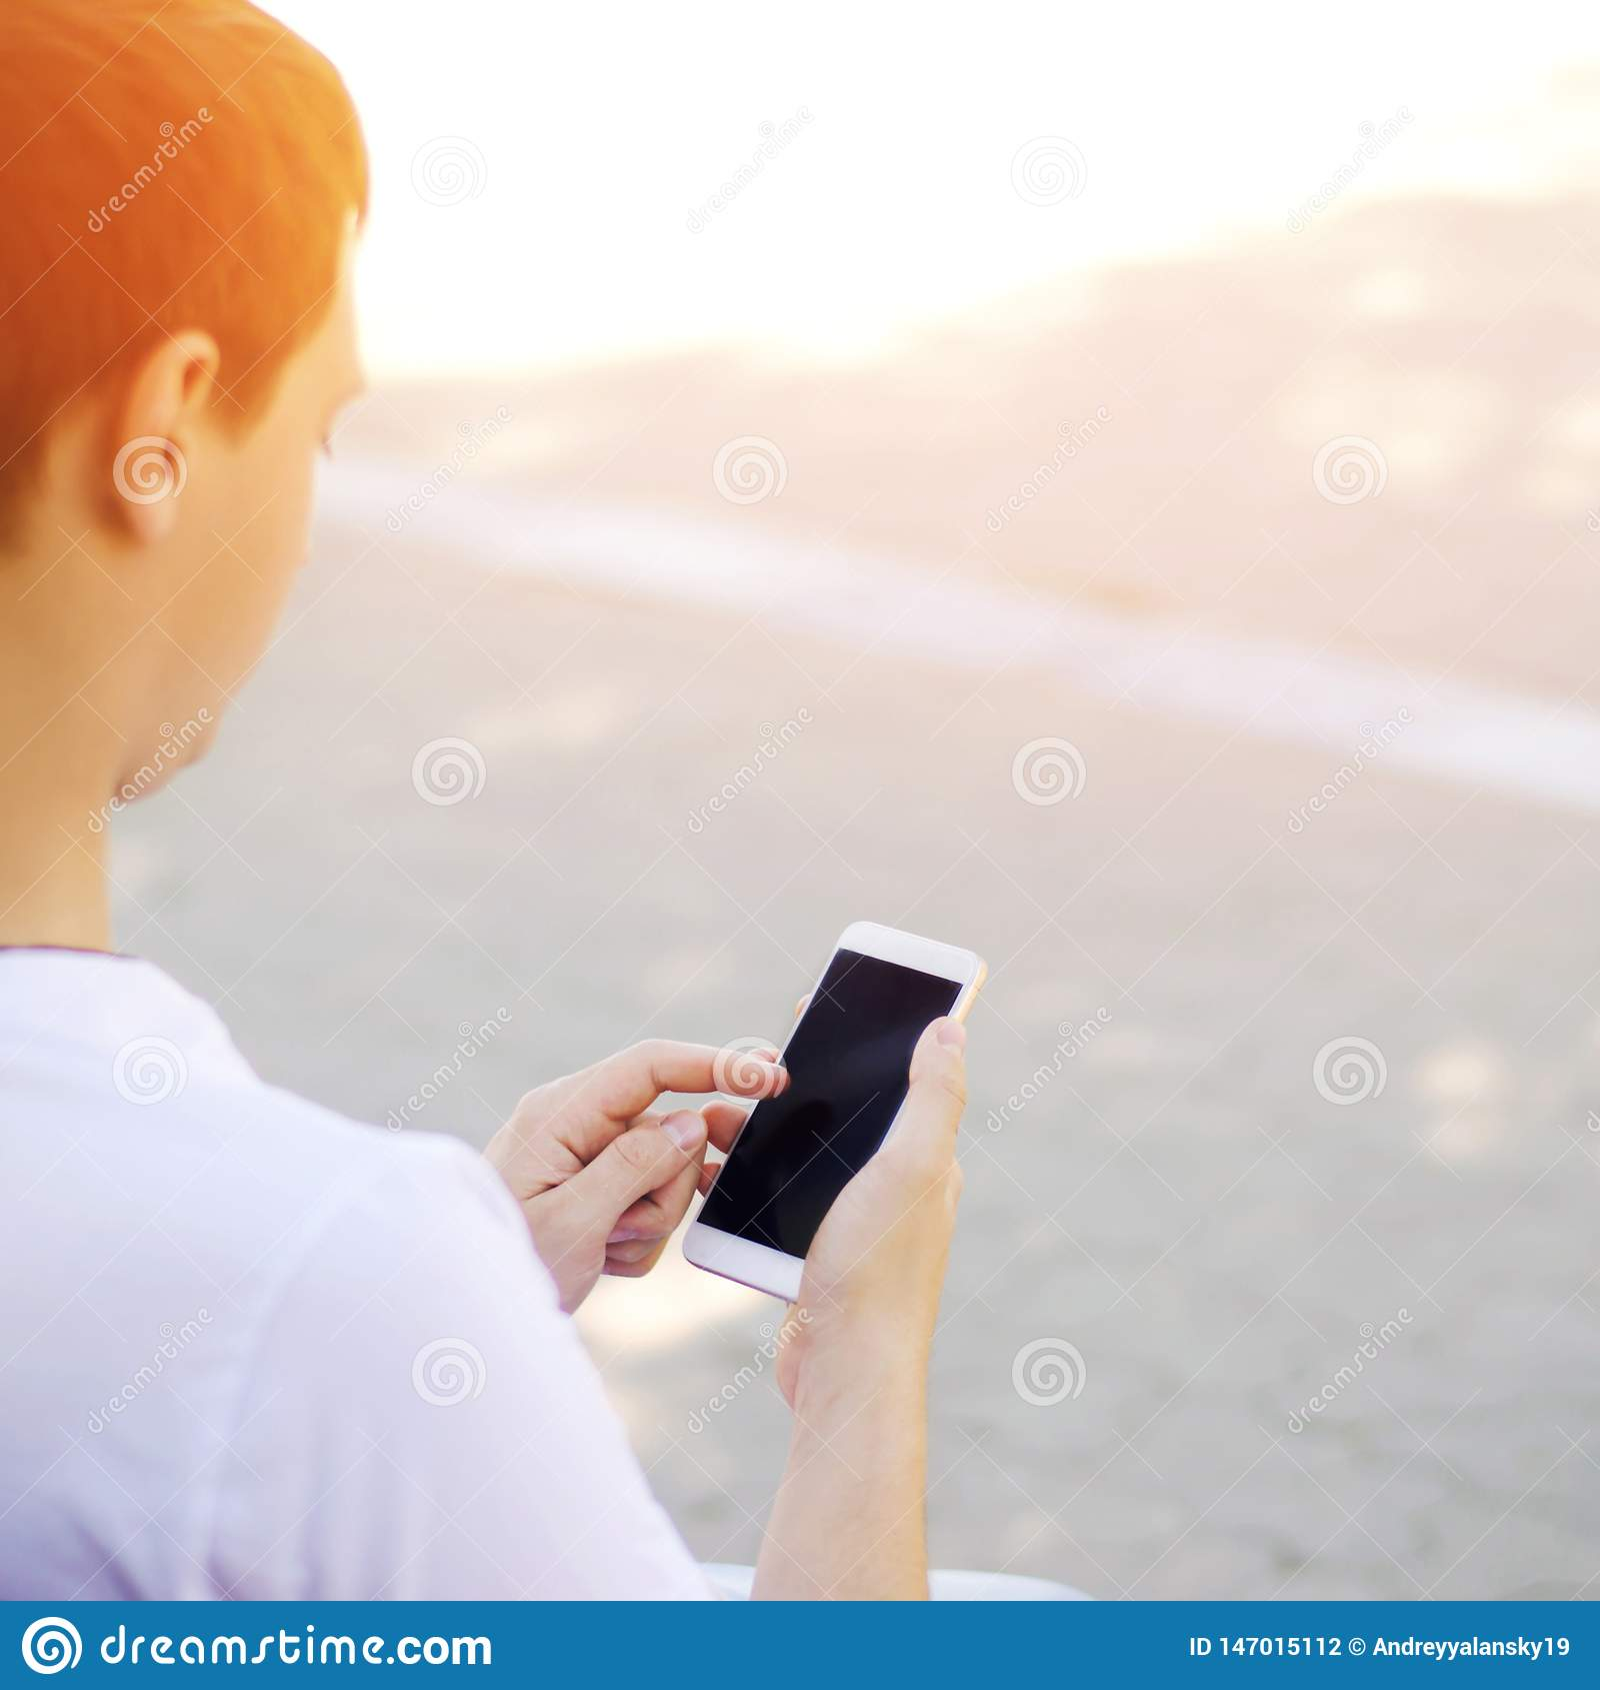 Парень держит мобильный смартфон и смотрит экран зависимость телефона, социальные сети работа в Интернете